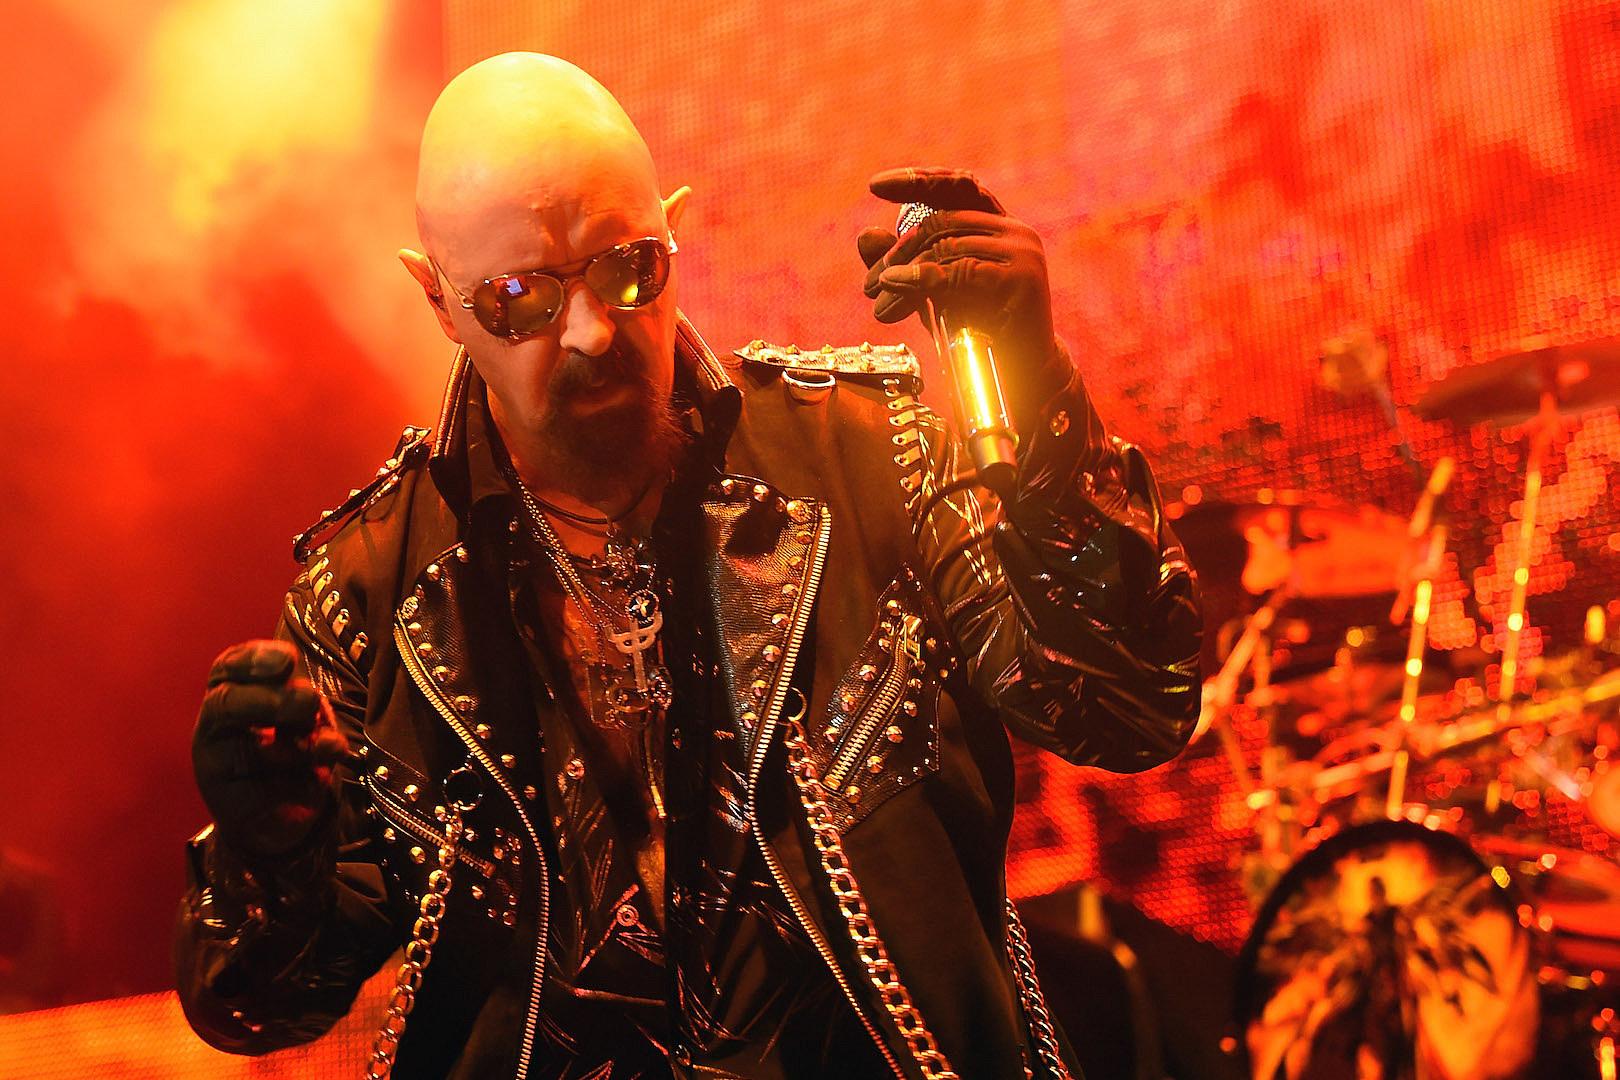 Judas Priest Reveal 2018 Tour Supporting 'Firepower' Album